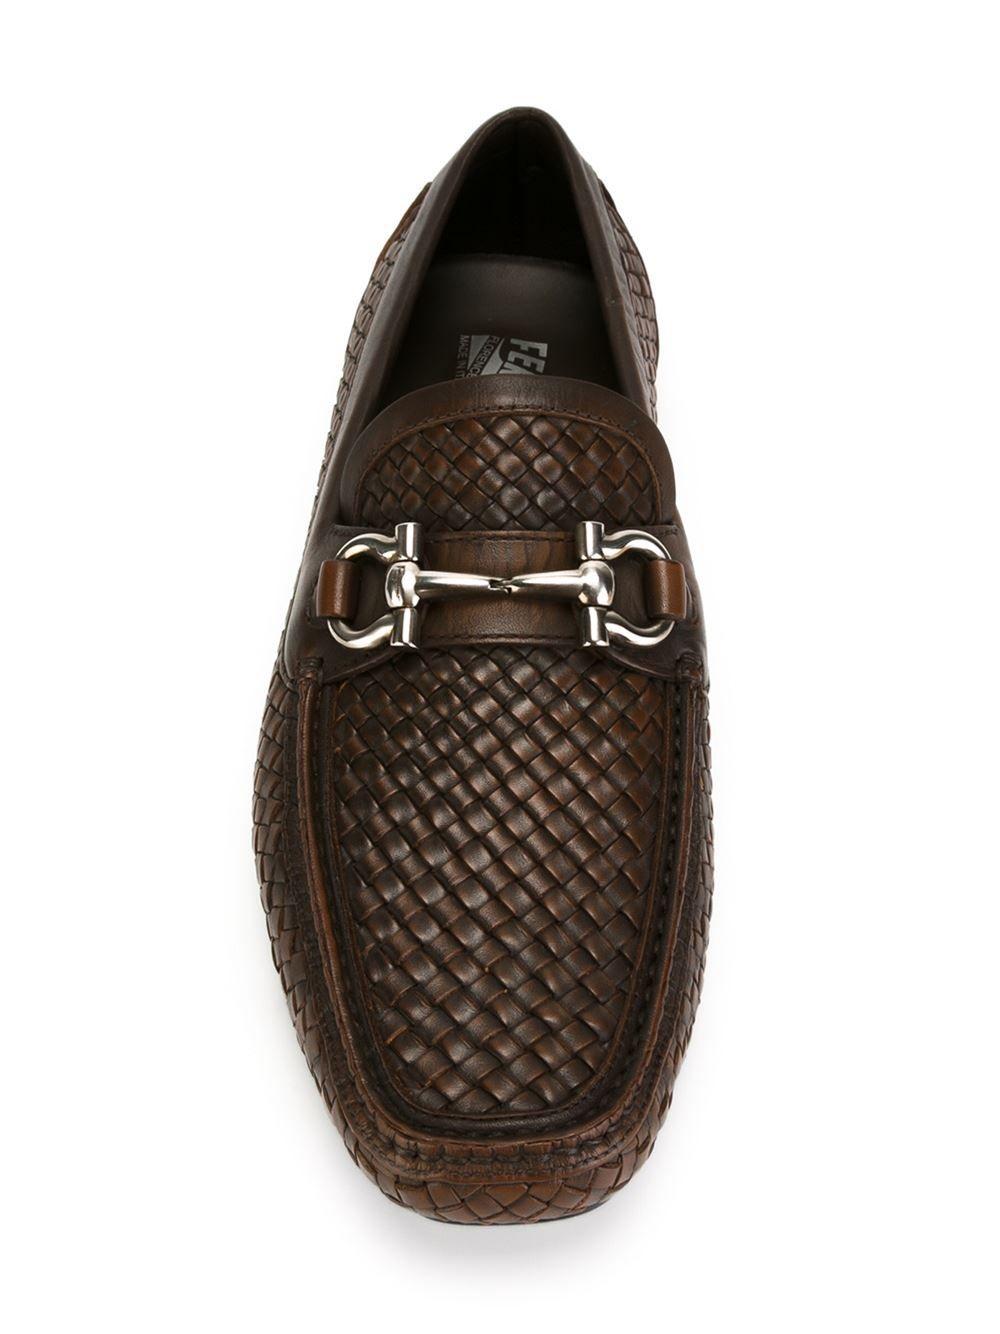 Salvatore Ferragamo woven loafers